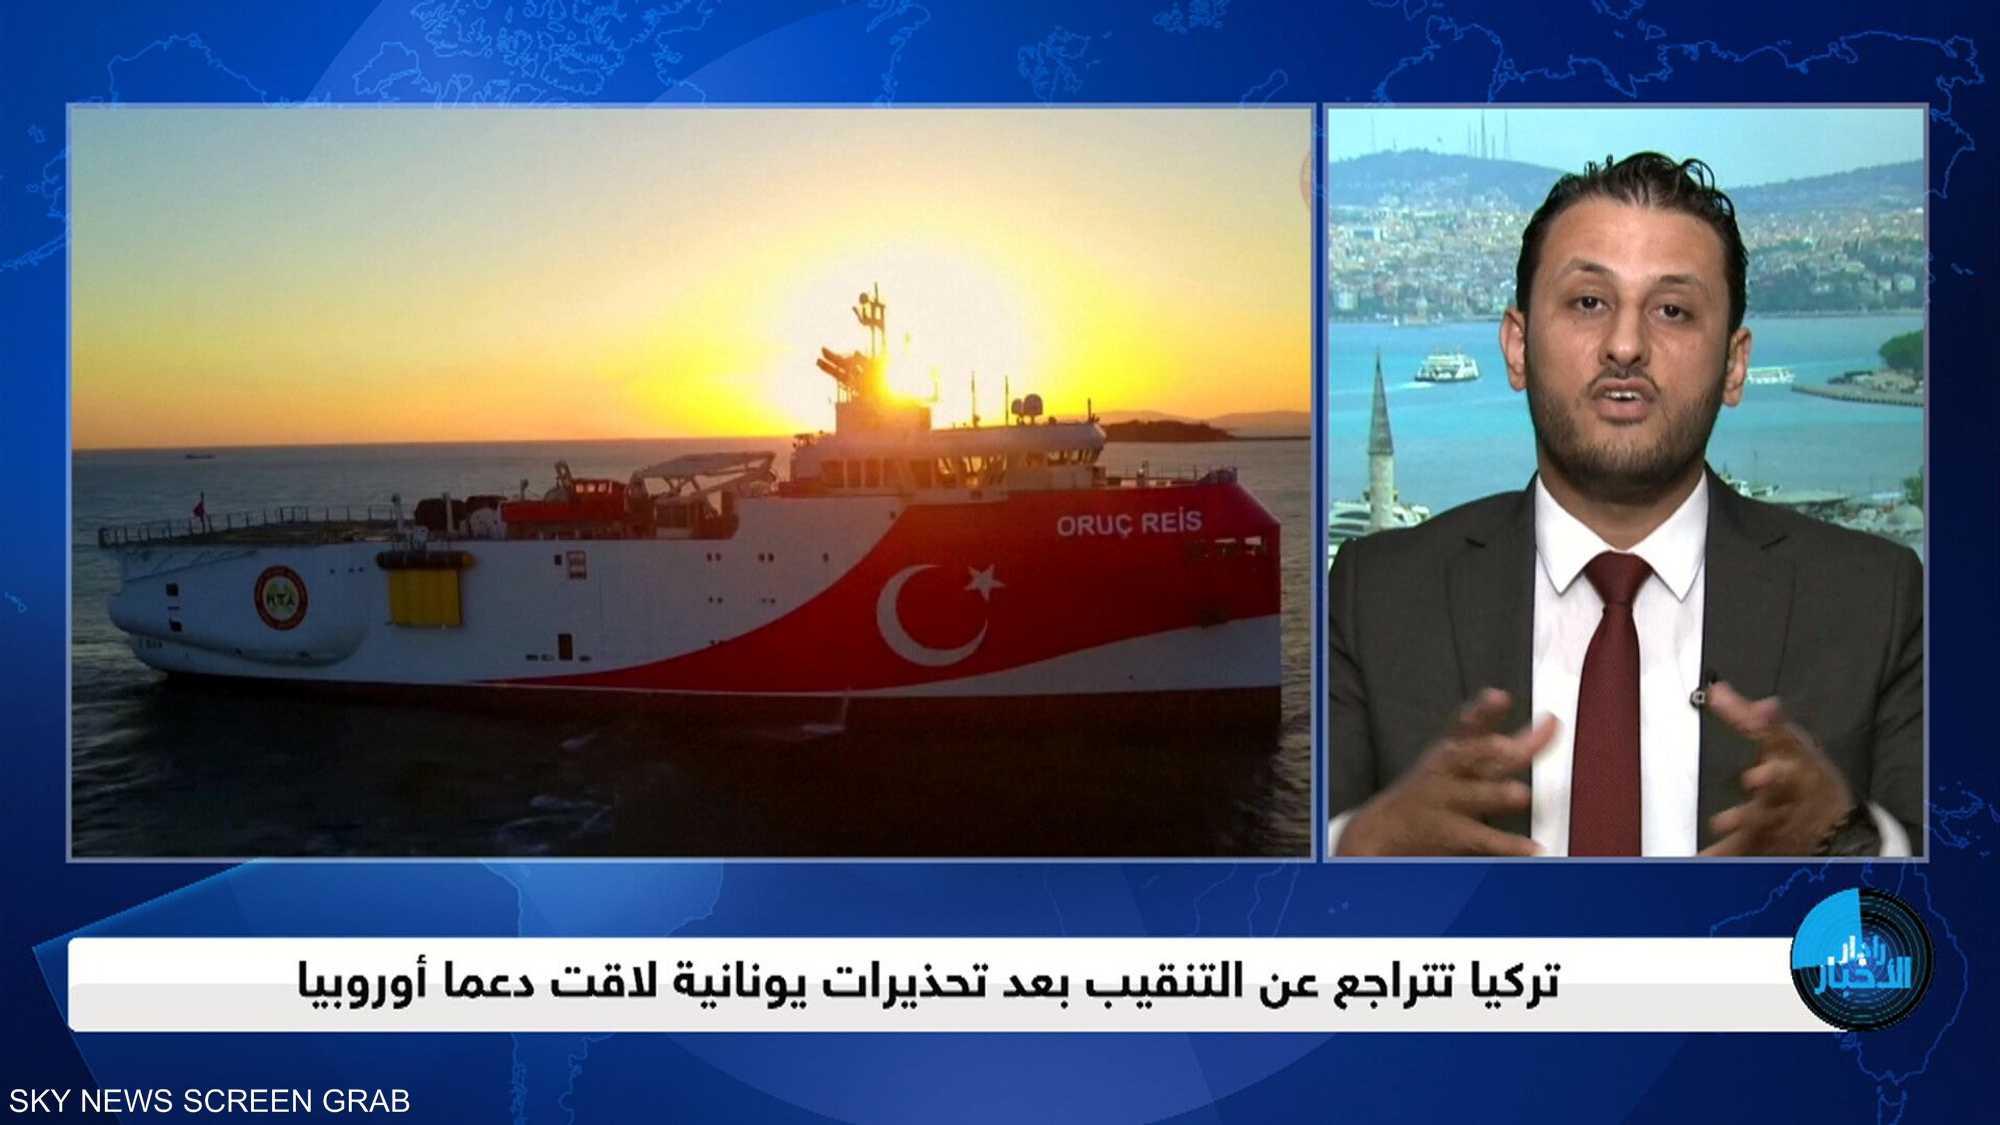 تركيا تتراجع عن التنقيب بعد تحذير يوناني لاقى دعما أوروبيا